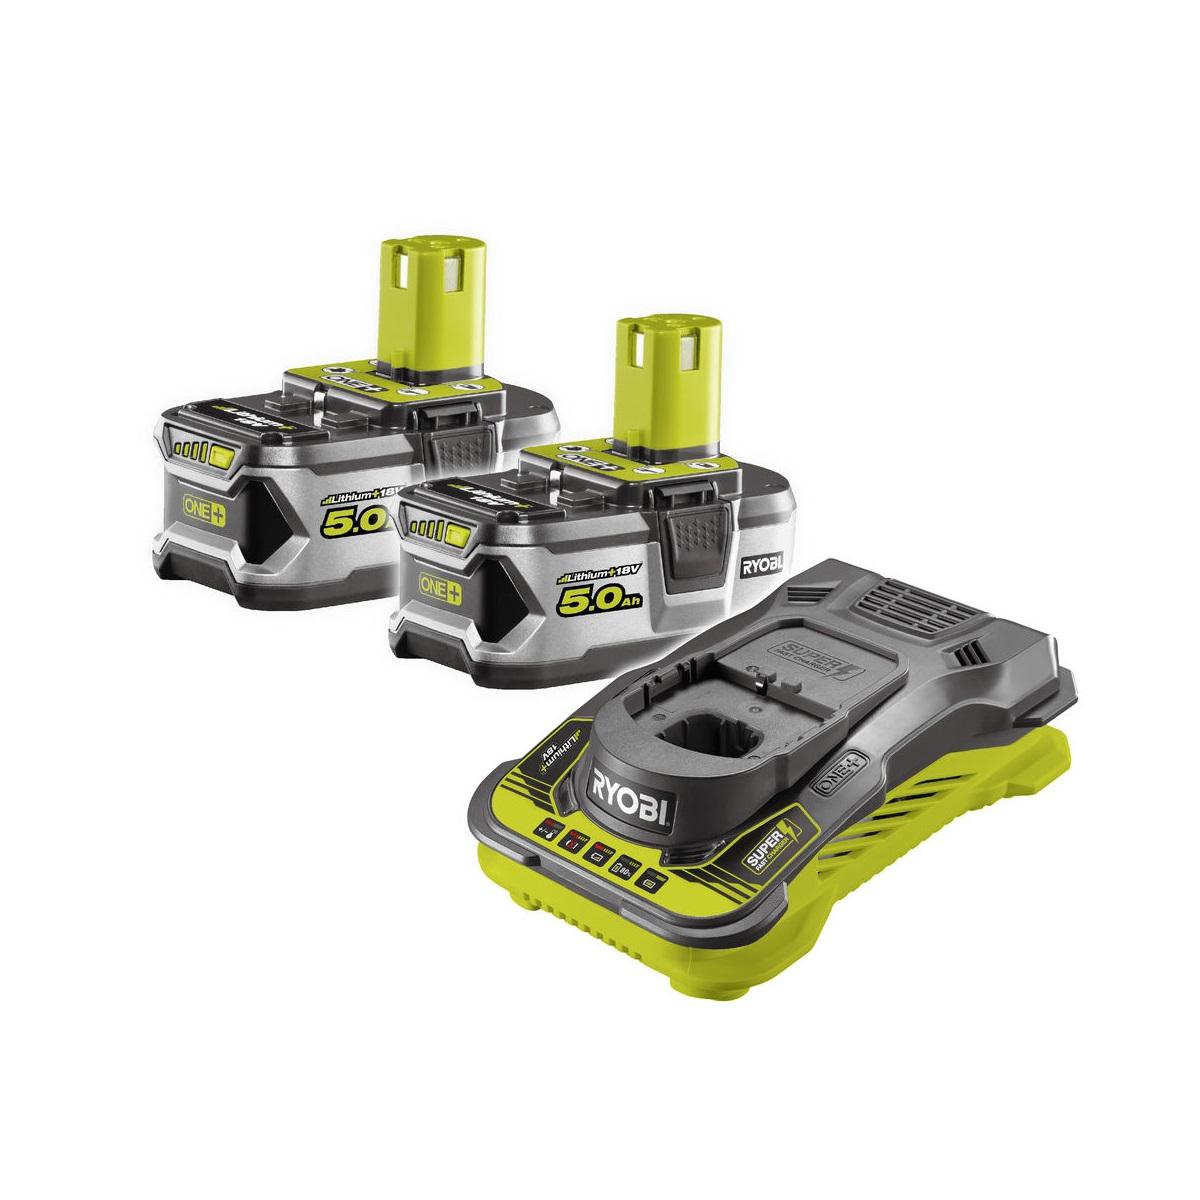 Ryobi RC18150-250, sada 2x 18 V lithium iontová baterie 5 Ah s rychlonabíječkou RC18150 ONE+